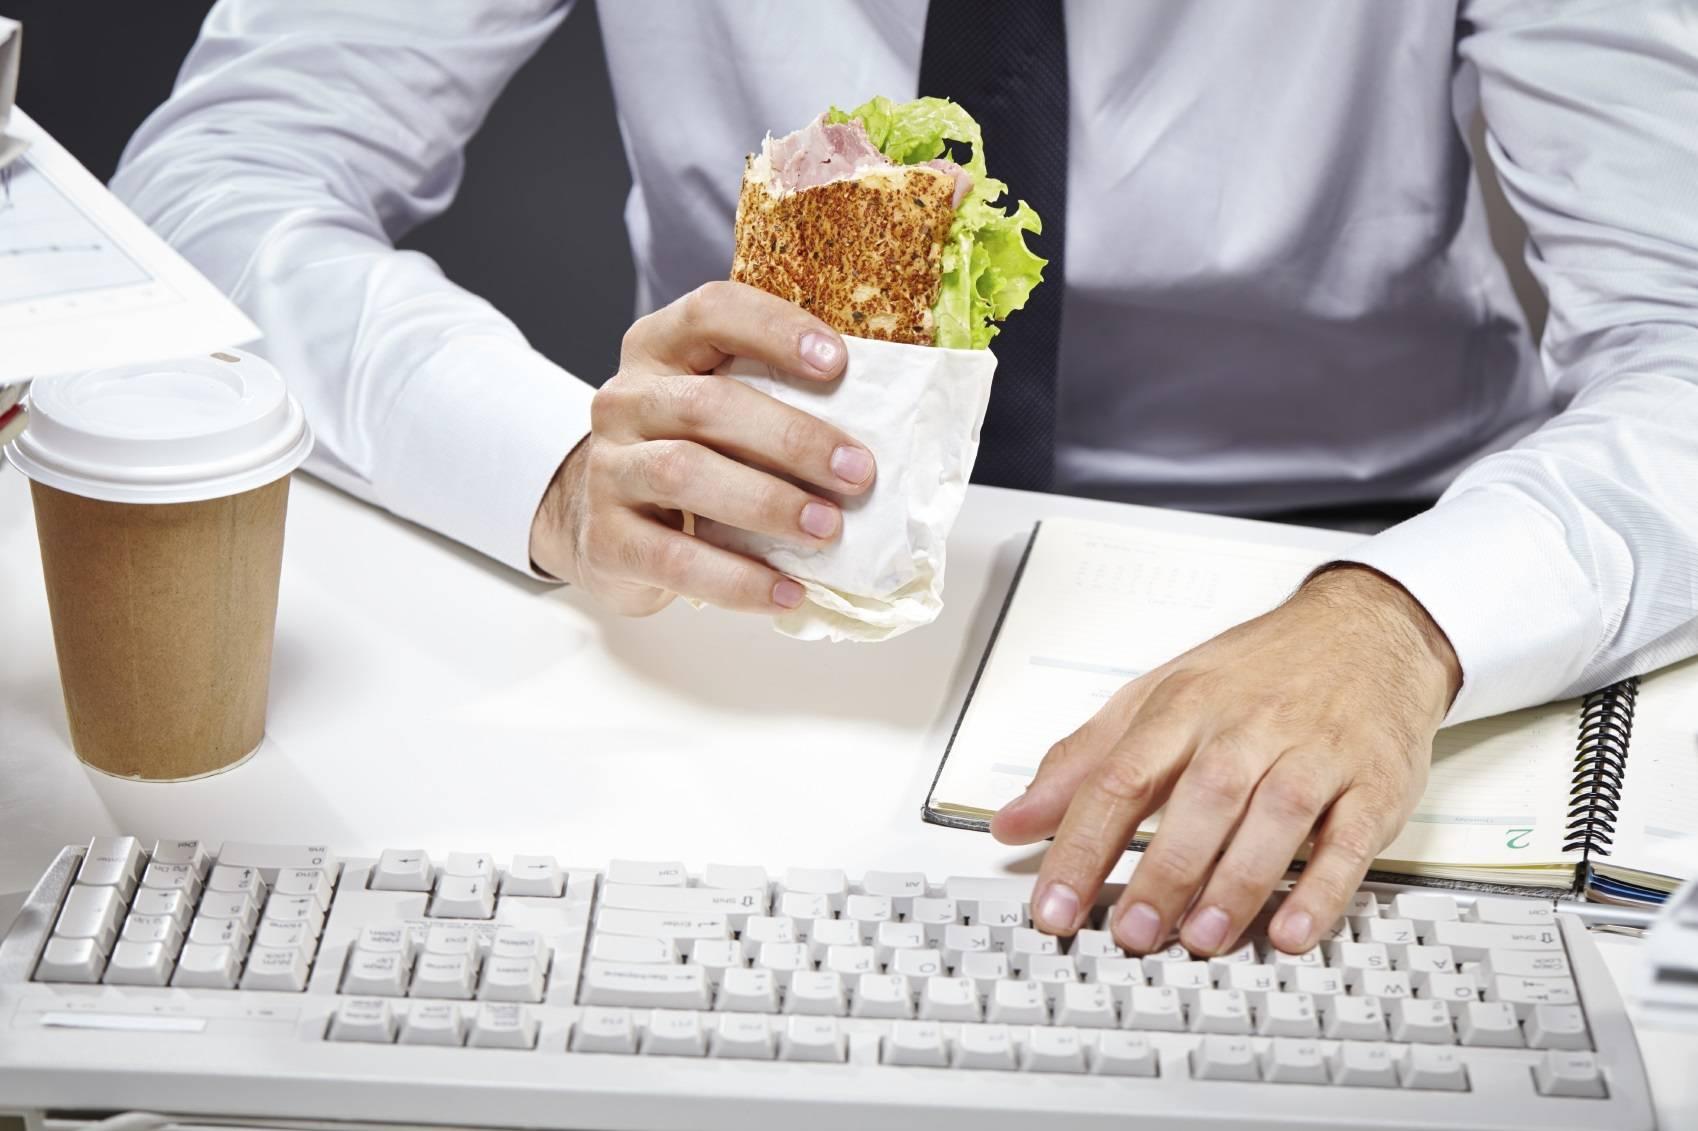 manger sain une alimentation saine au bureau c 39 est possible. Black Bedroom Furniture Sets. Home Design Ideas